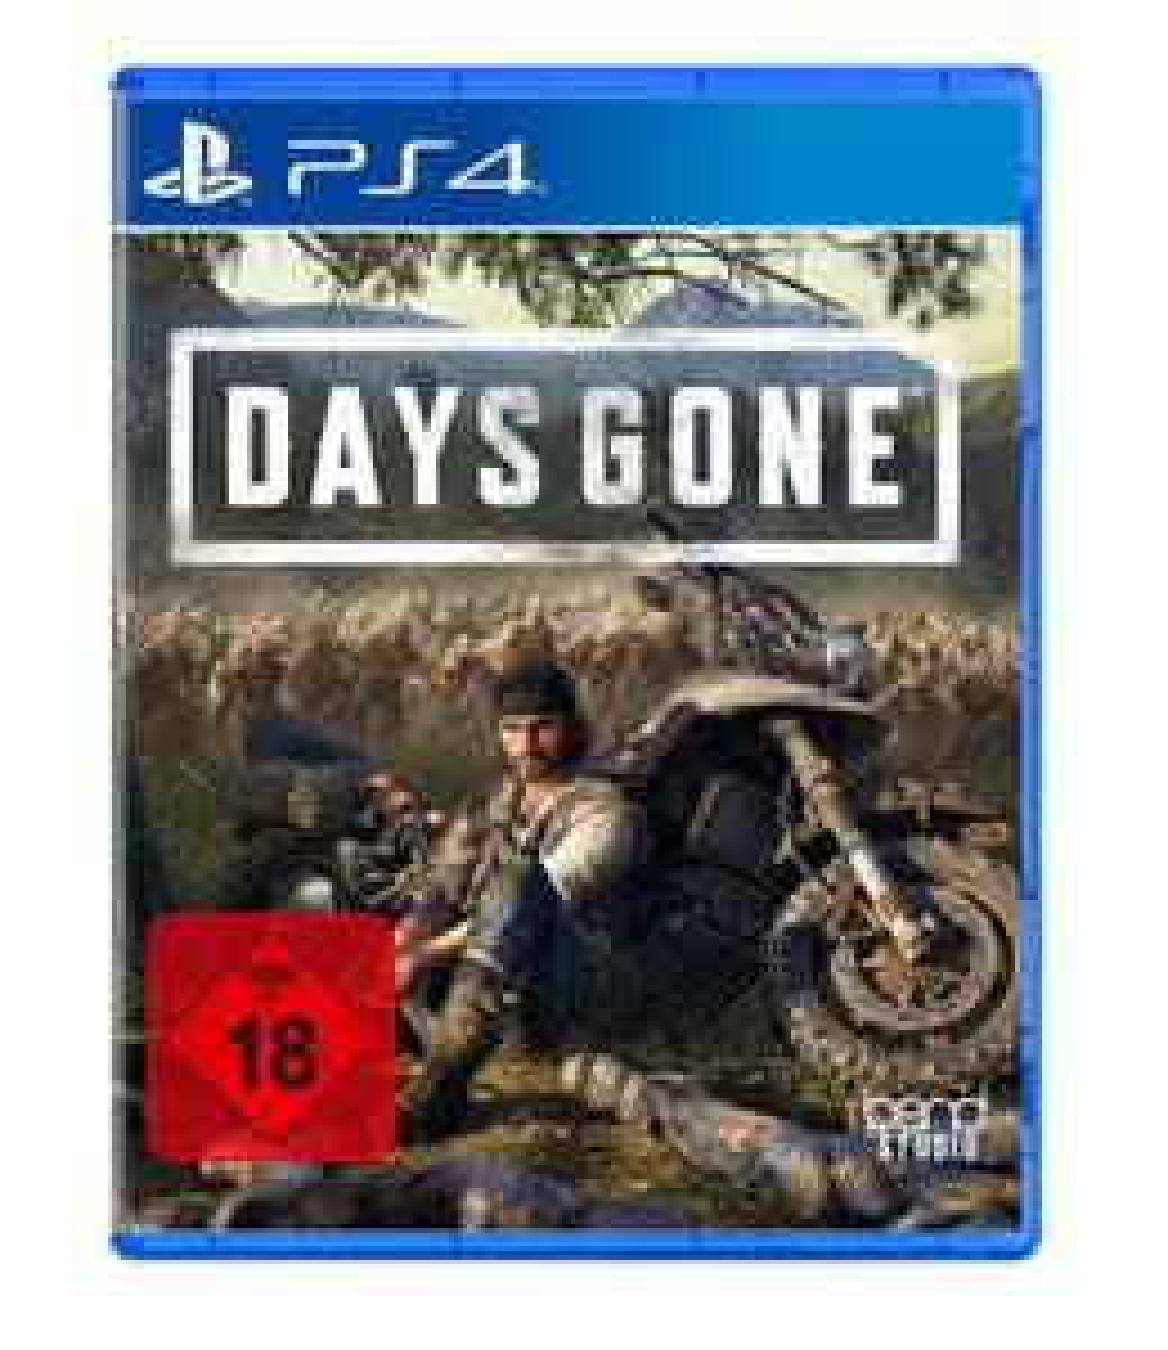 [Medimops] - Days Gone (Sony PlayStation 4) GEBRAUCHT für 6,85 € bzw. 7,12 € inkl. Versand